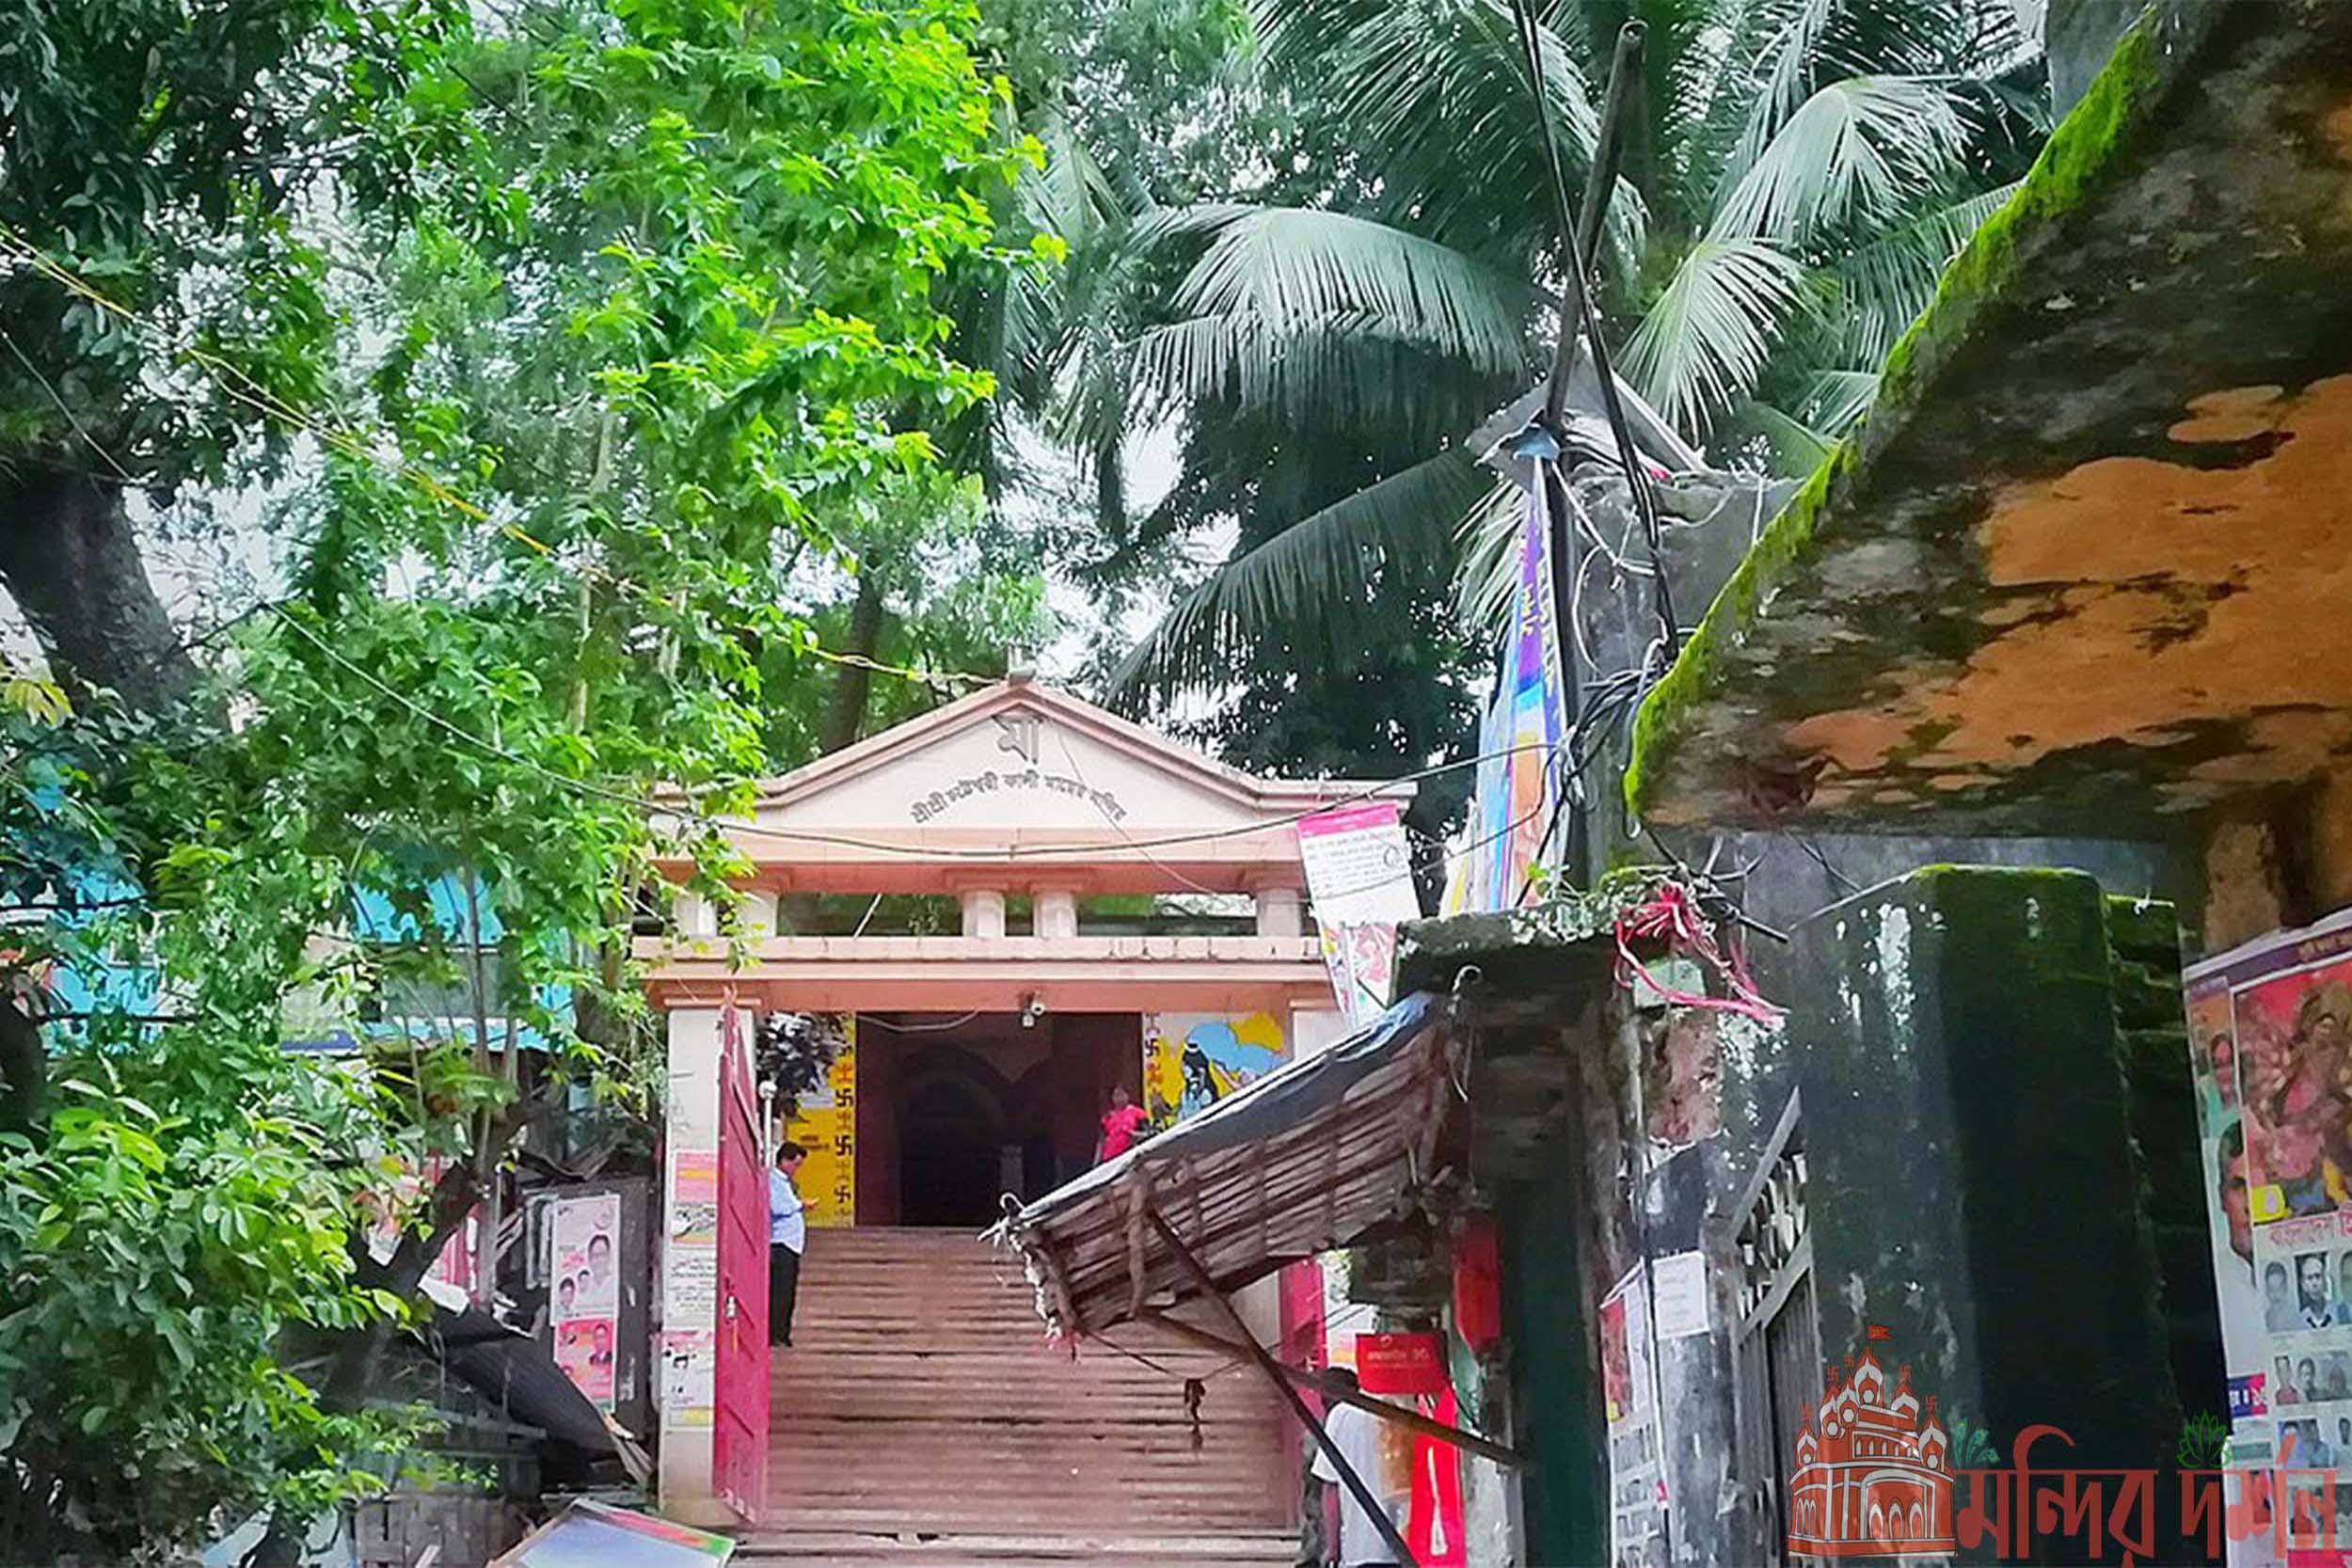 Chatteshwari kalibari